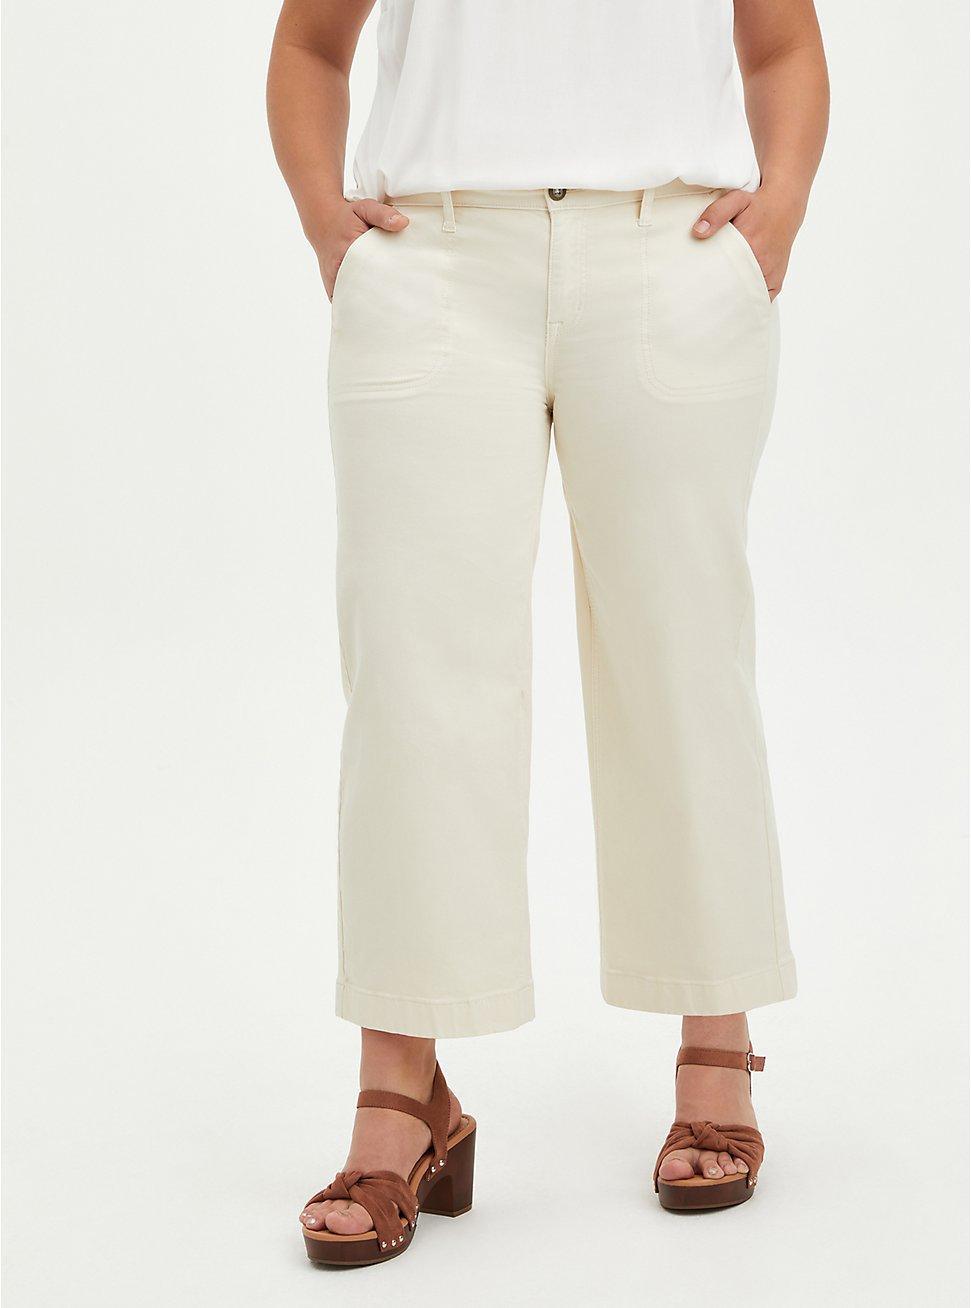 Plus Size Wide Leg Crop Pant - Twill Cream, CREAM, hi-res